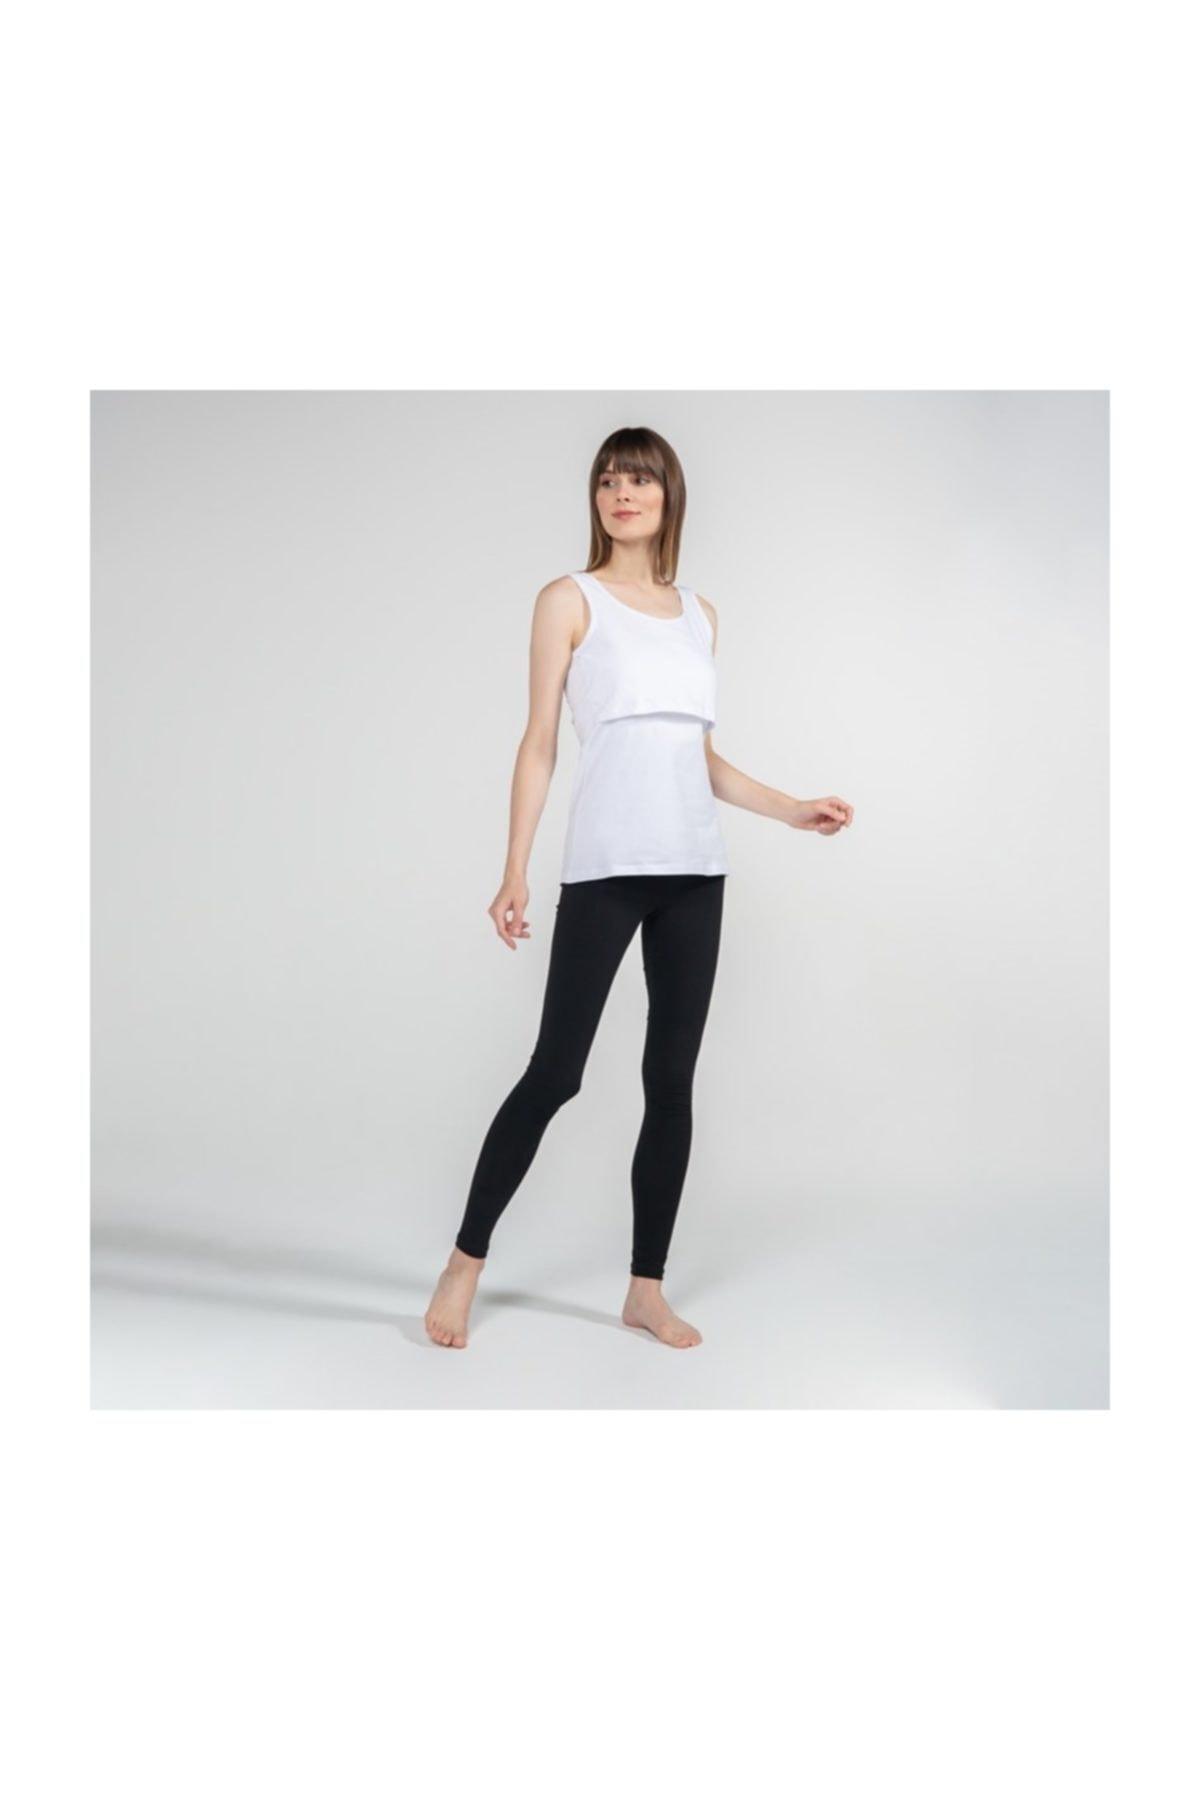 FUNNA MAMMA Atlet Yaka Emzirme T-Shirt - Paola - Beyaz 2